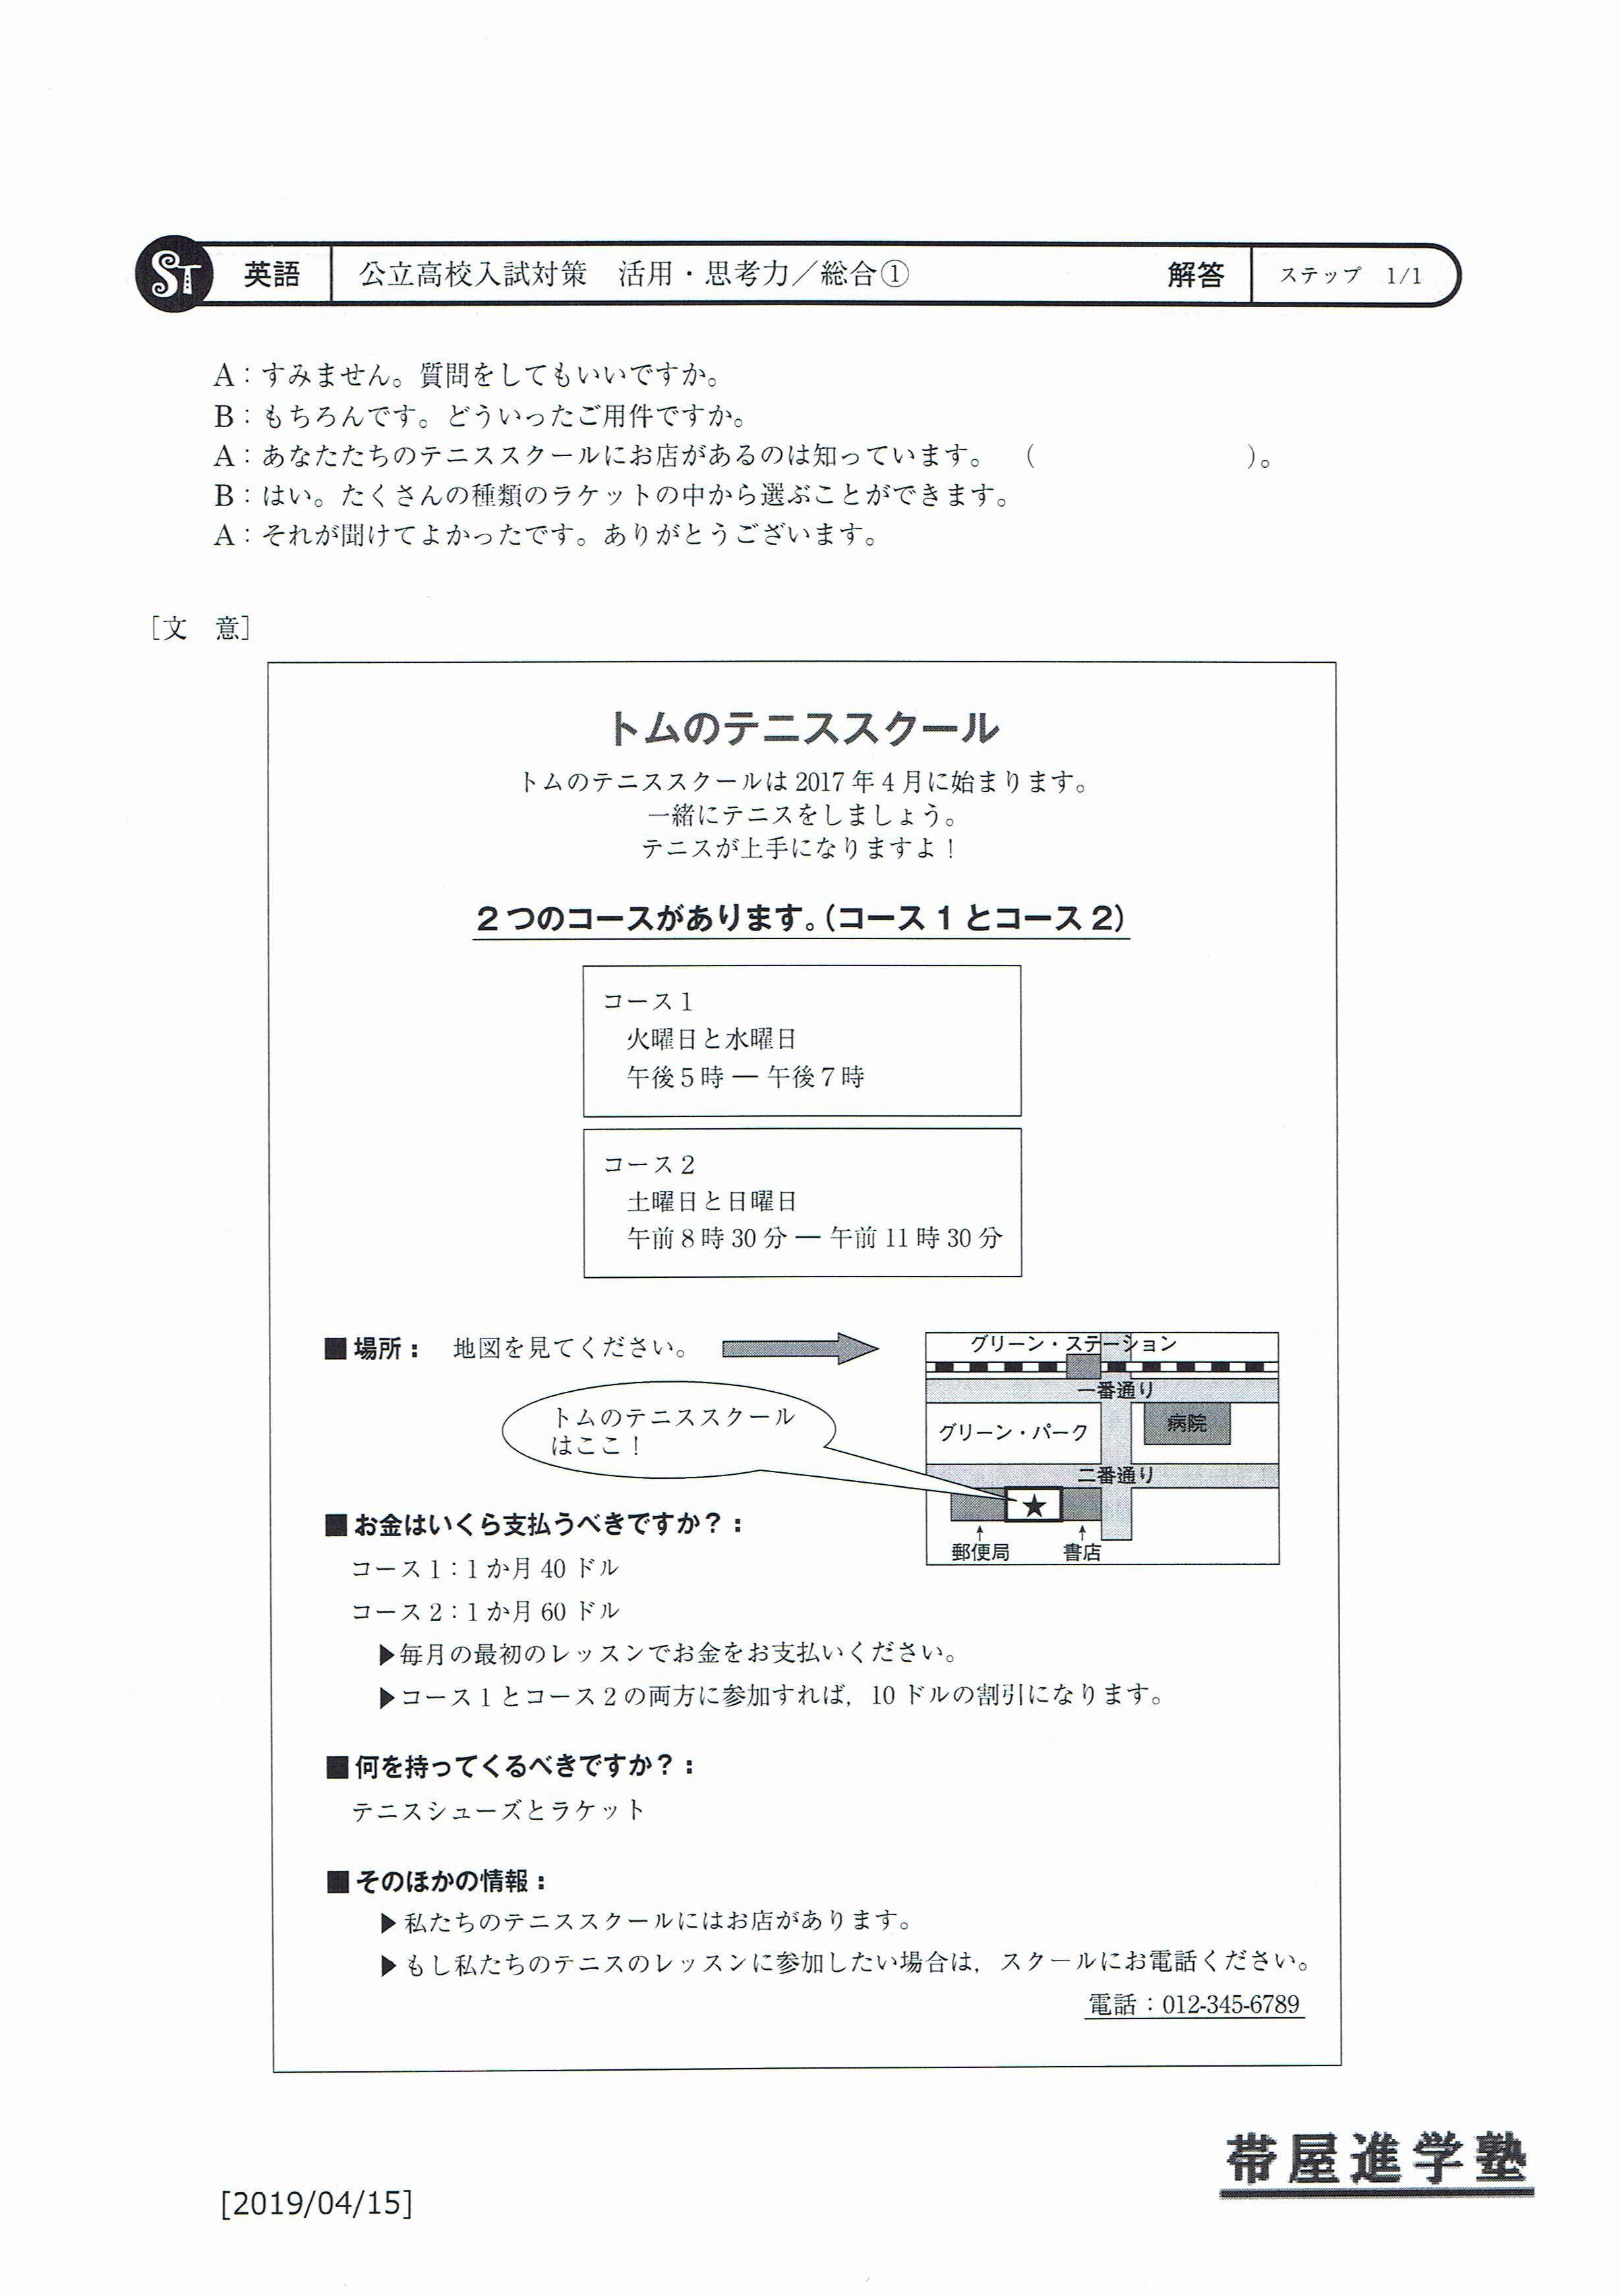 公立高校入試対策 (7)